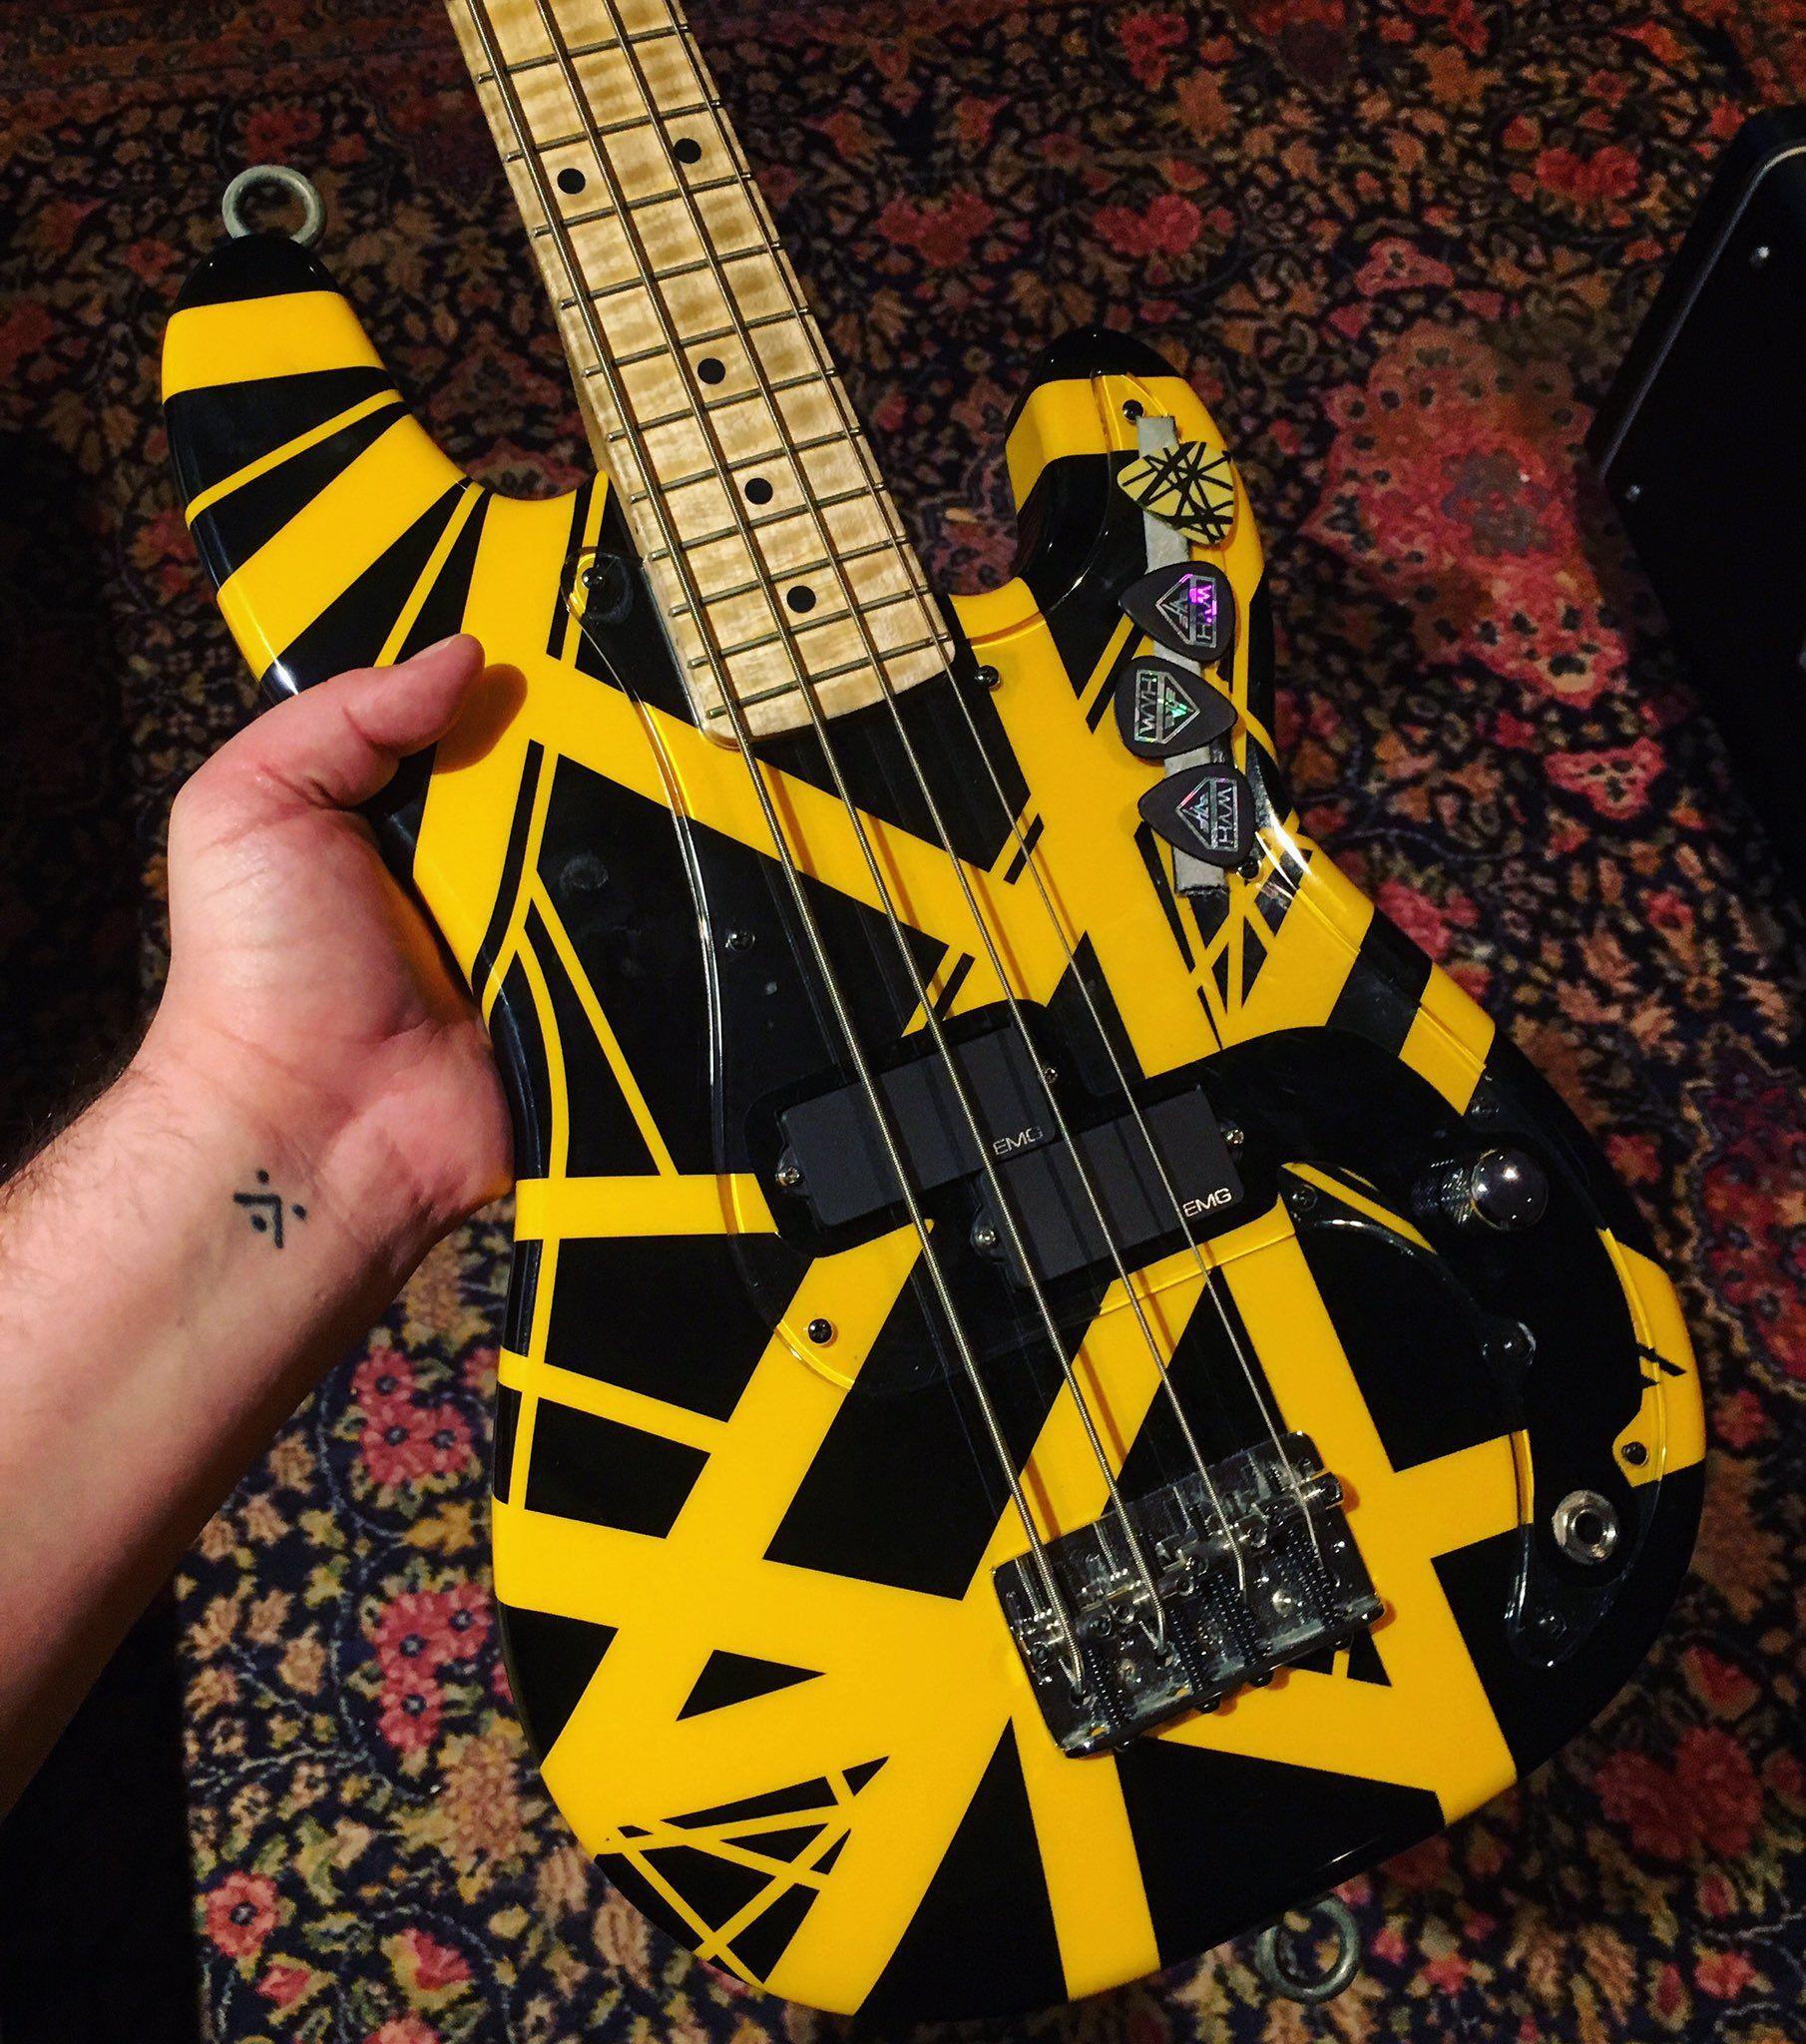 Wolf Van Halen On Twitter Little Bass Guitar In 2020 Van Halen Wolf Van Halen Bass Guitar